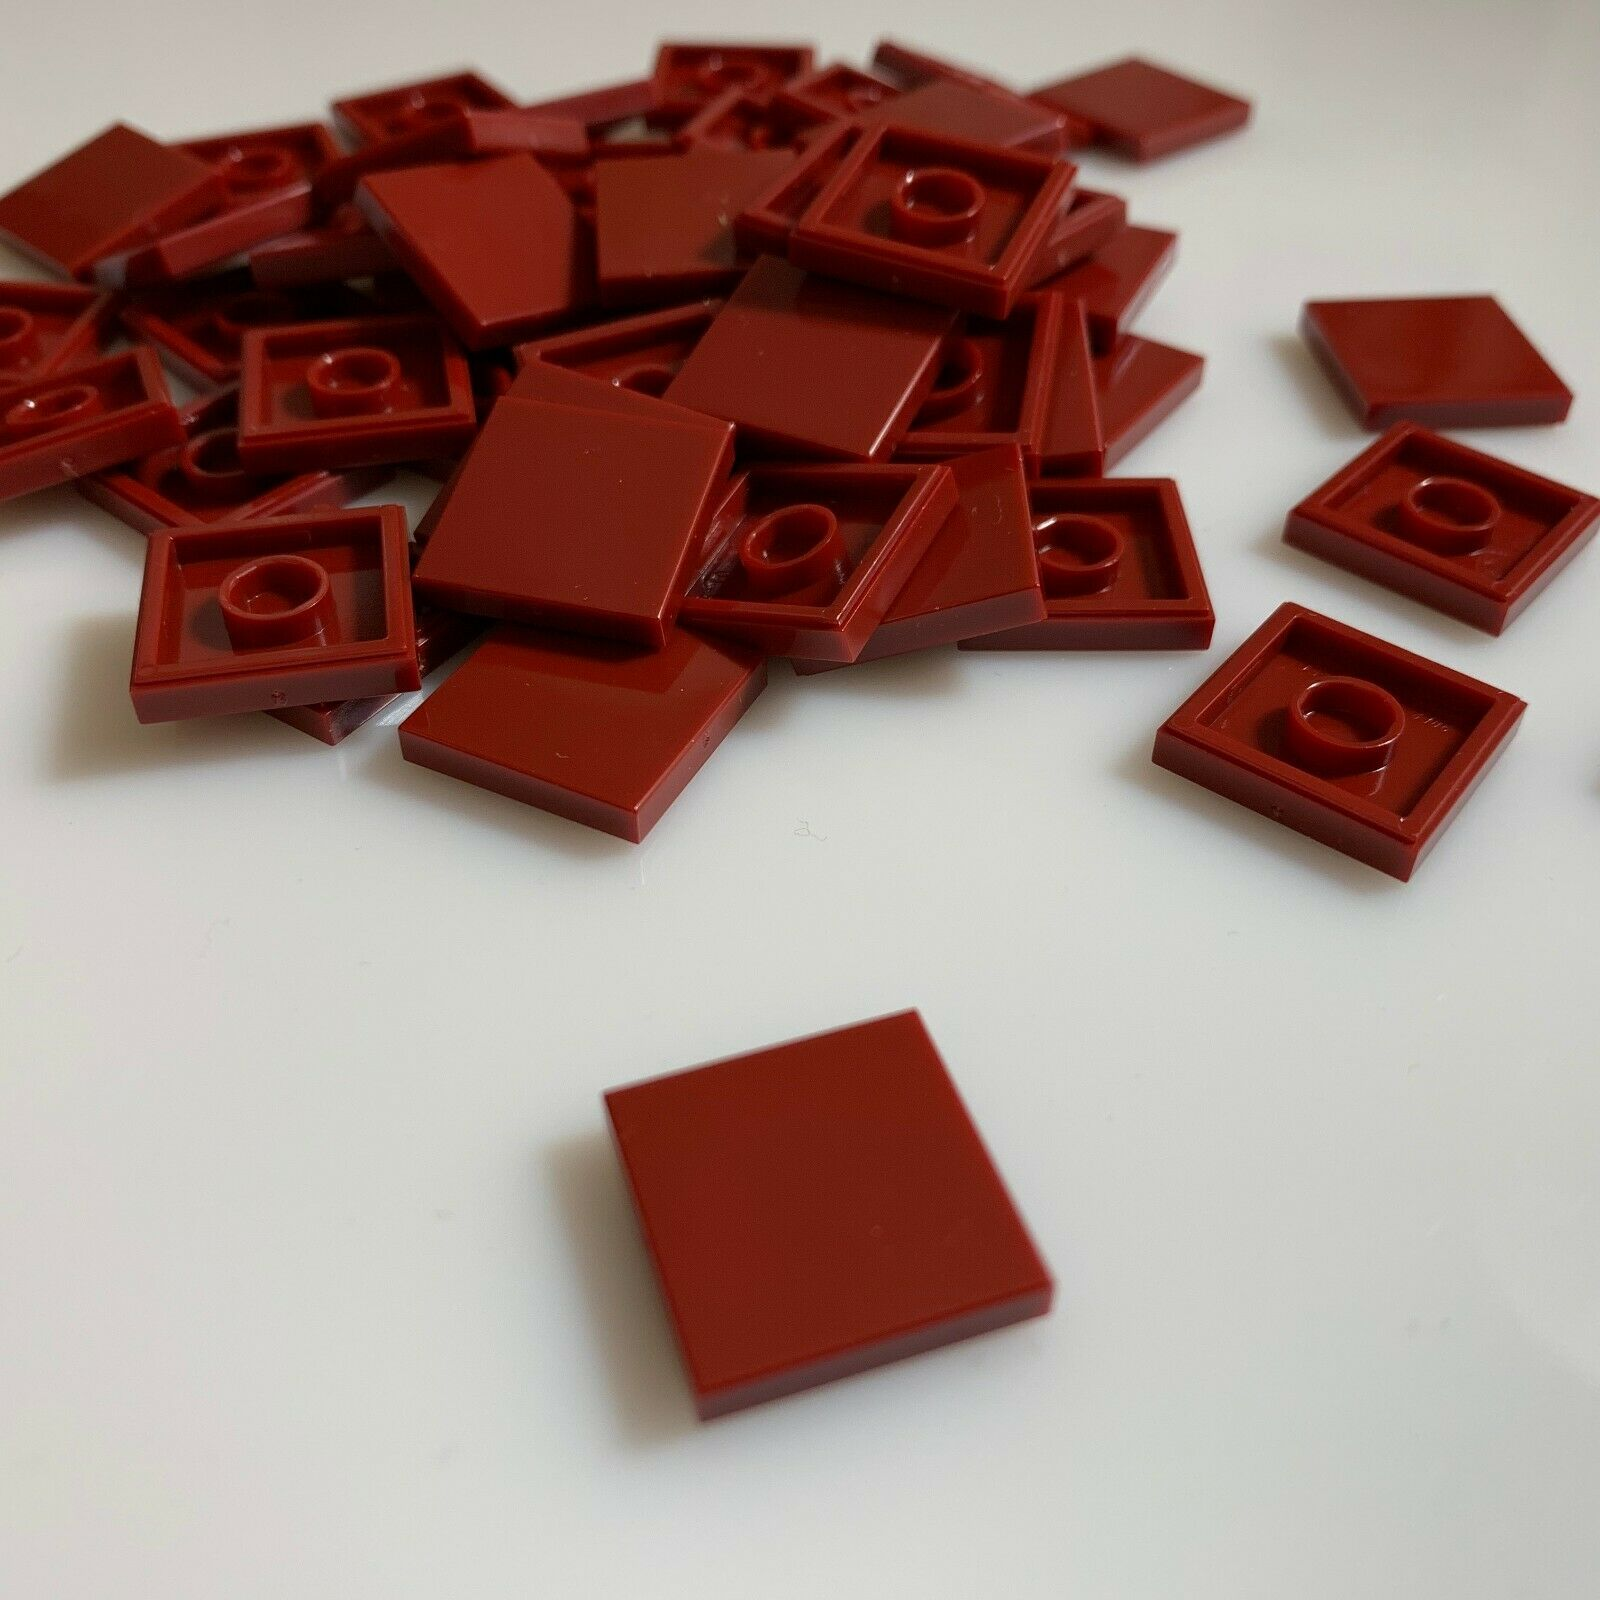 50 NEW LEGO 2x2 BLACK TILES 3068 modular floor flat smooth moc finishing 306826